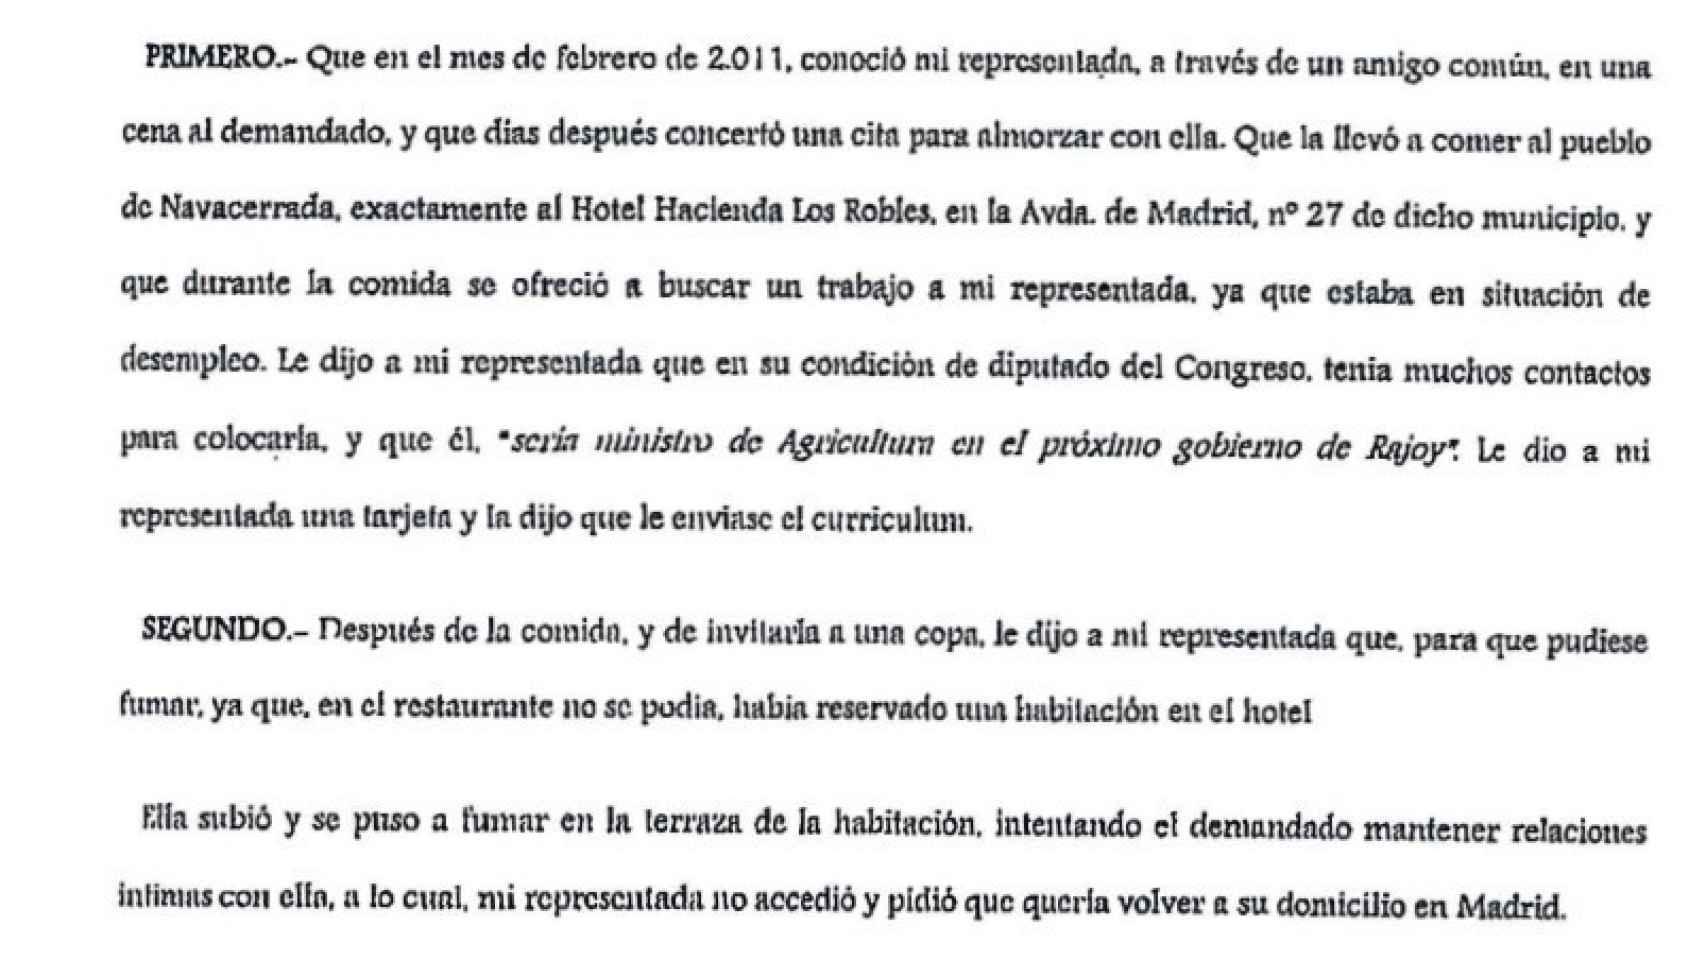 Extracto del acto de conciliación celebrado en marzo de 2013.